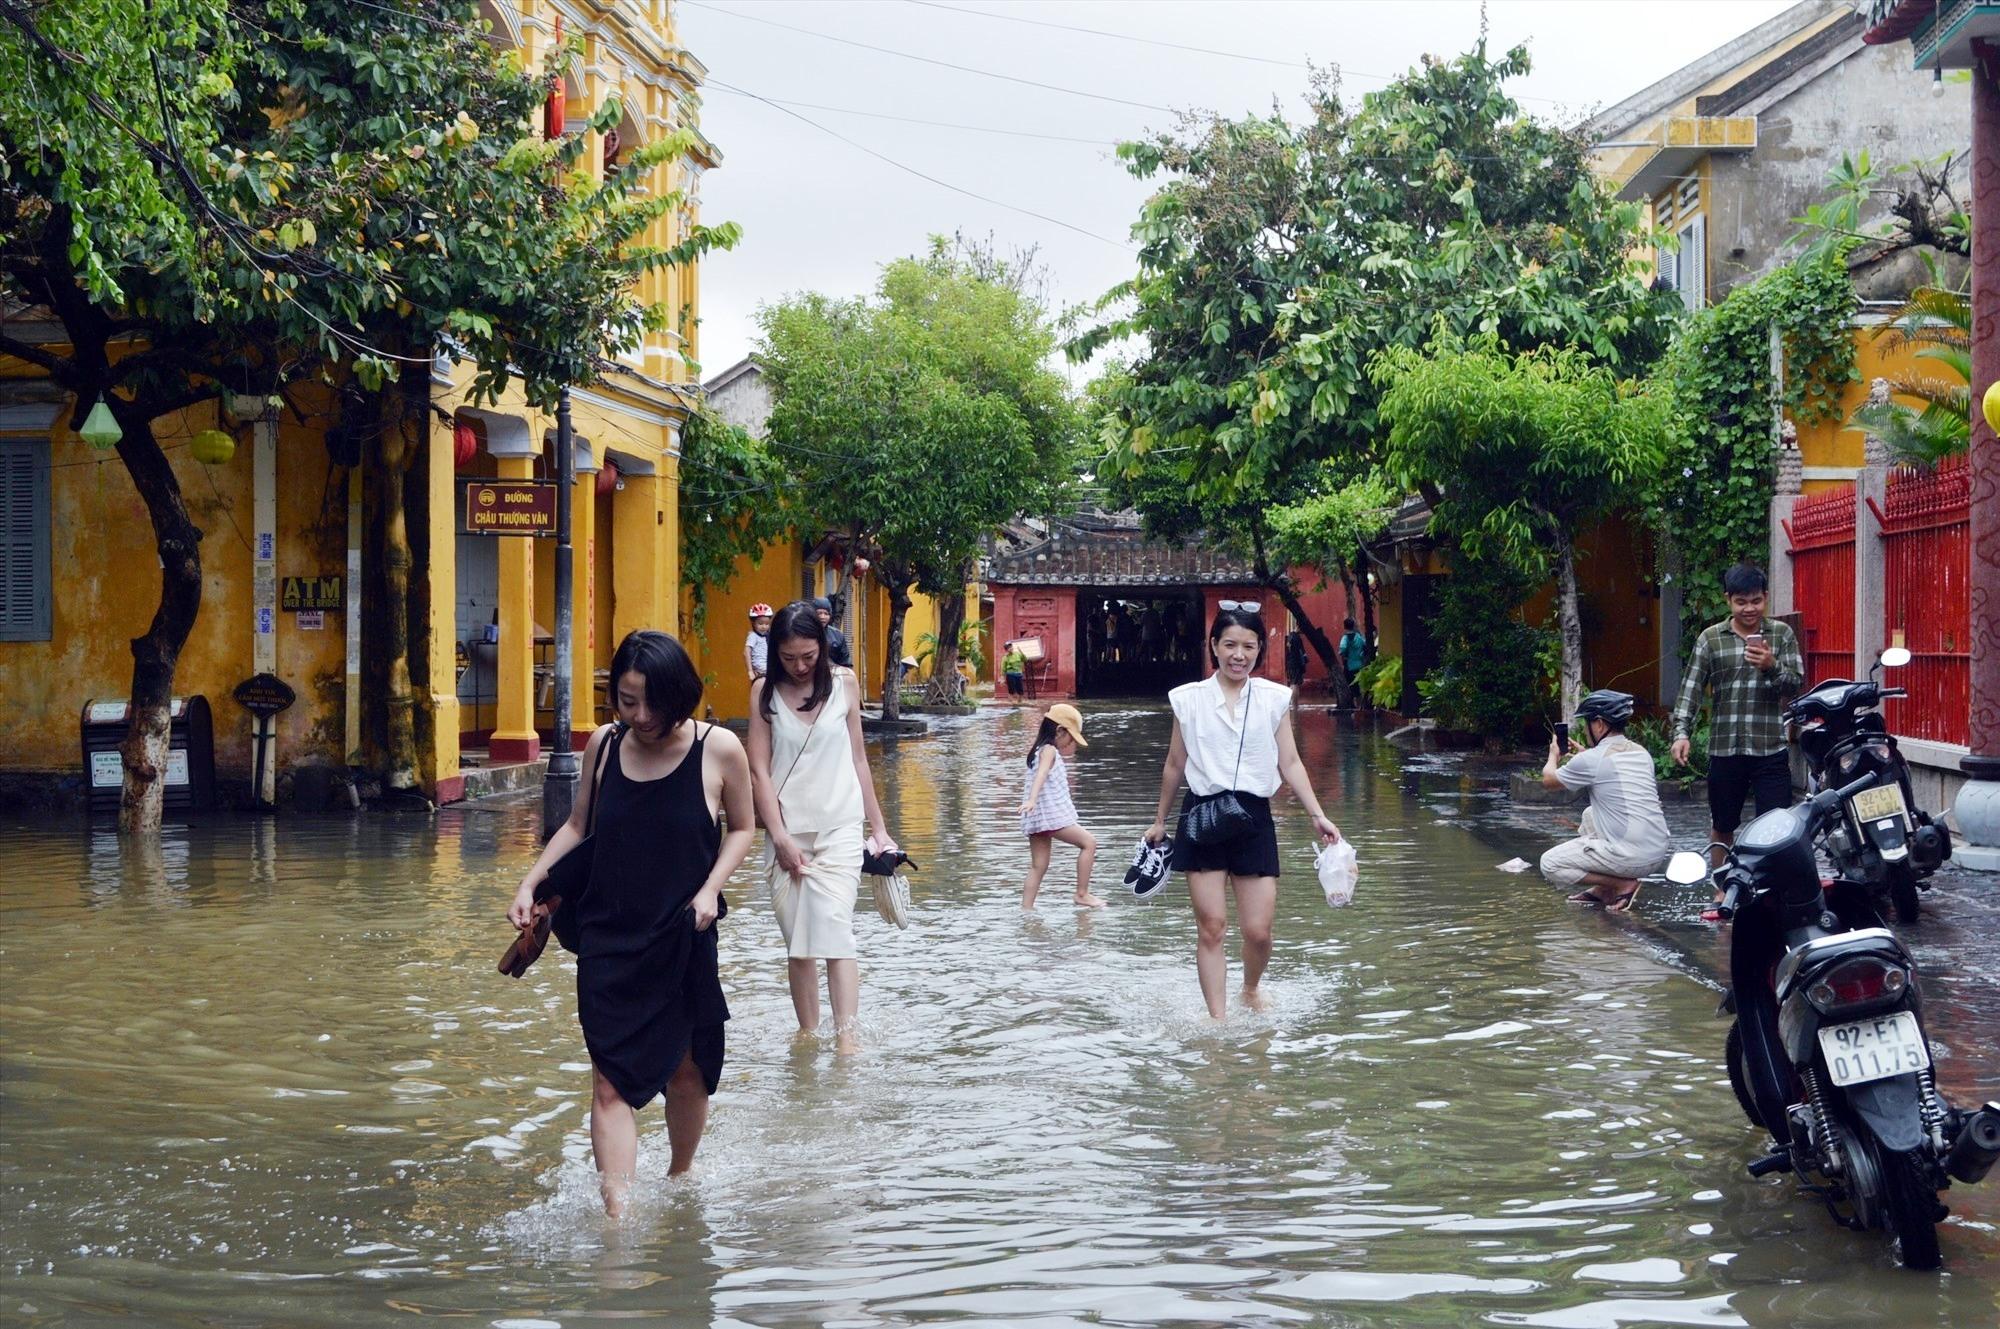 Du khách nước ngoài phấn khích trải nghiệm phố cổ mùa lụt